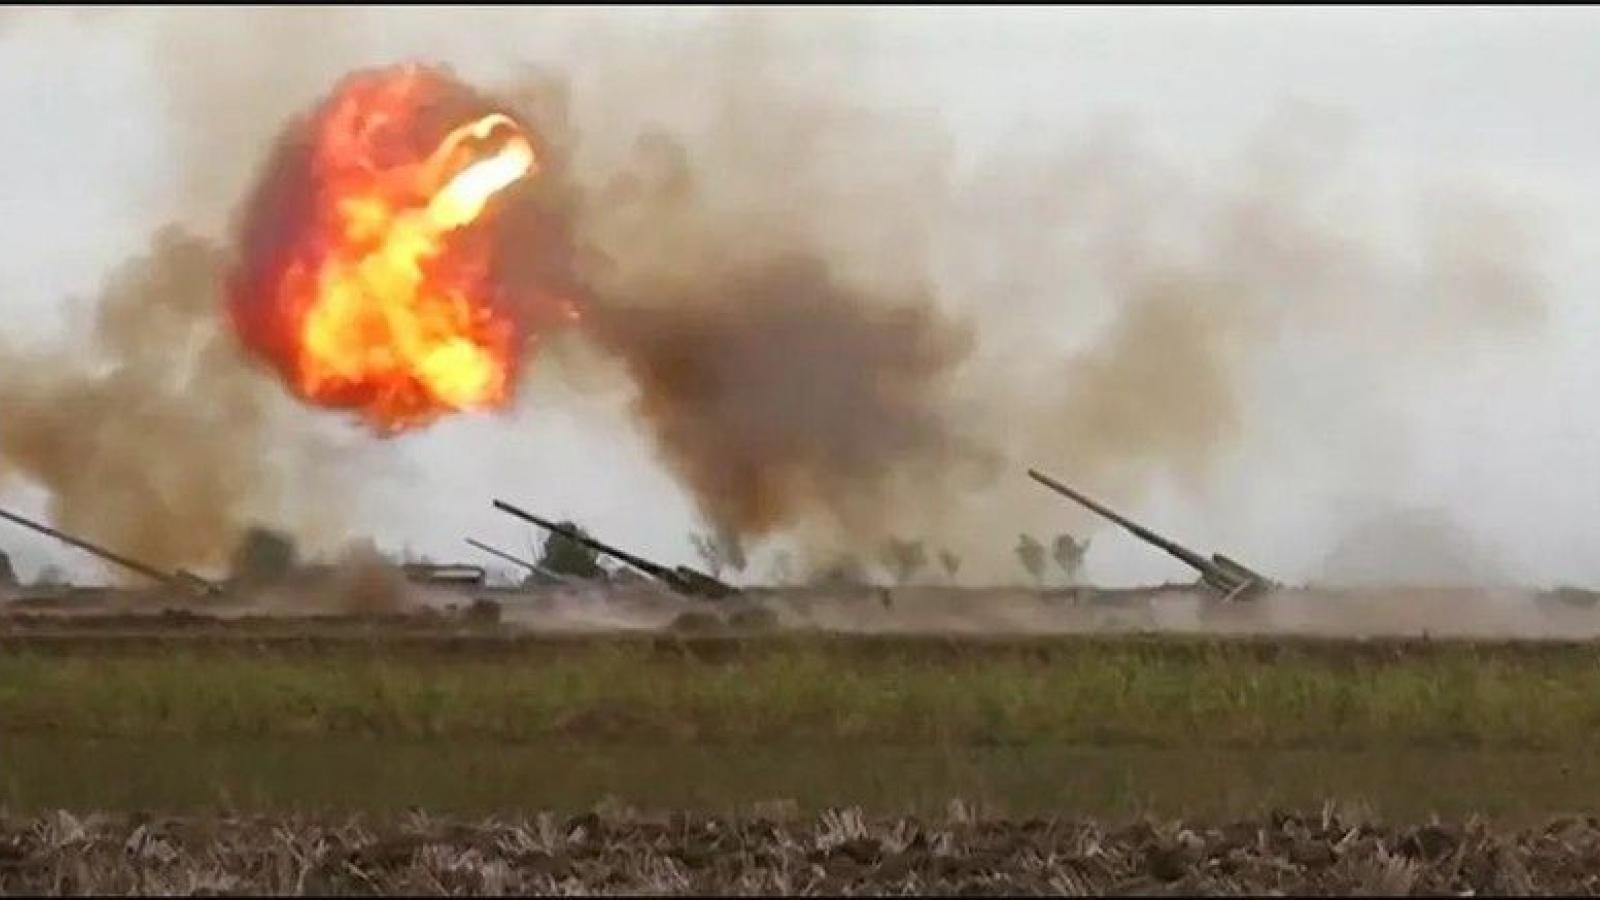 Armenia cáo buộc lực lượng Azerbaijan nã pháo các cơ sở dân sự ở Nagorno-Karabakh